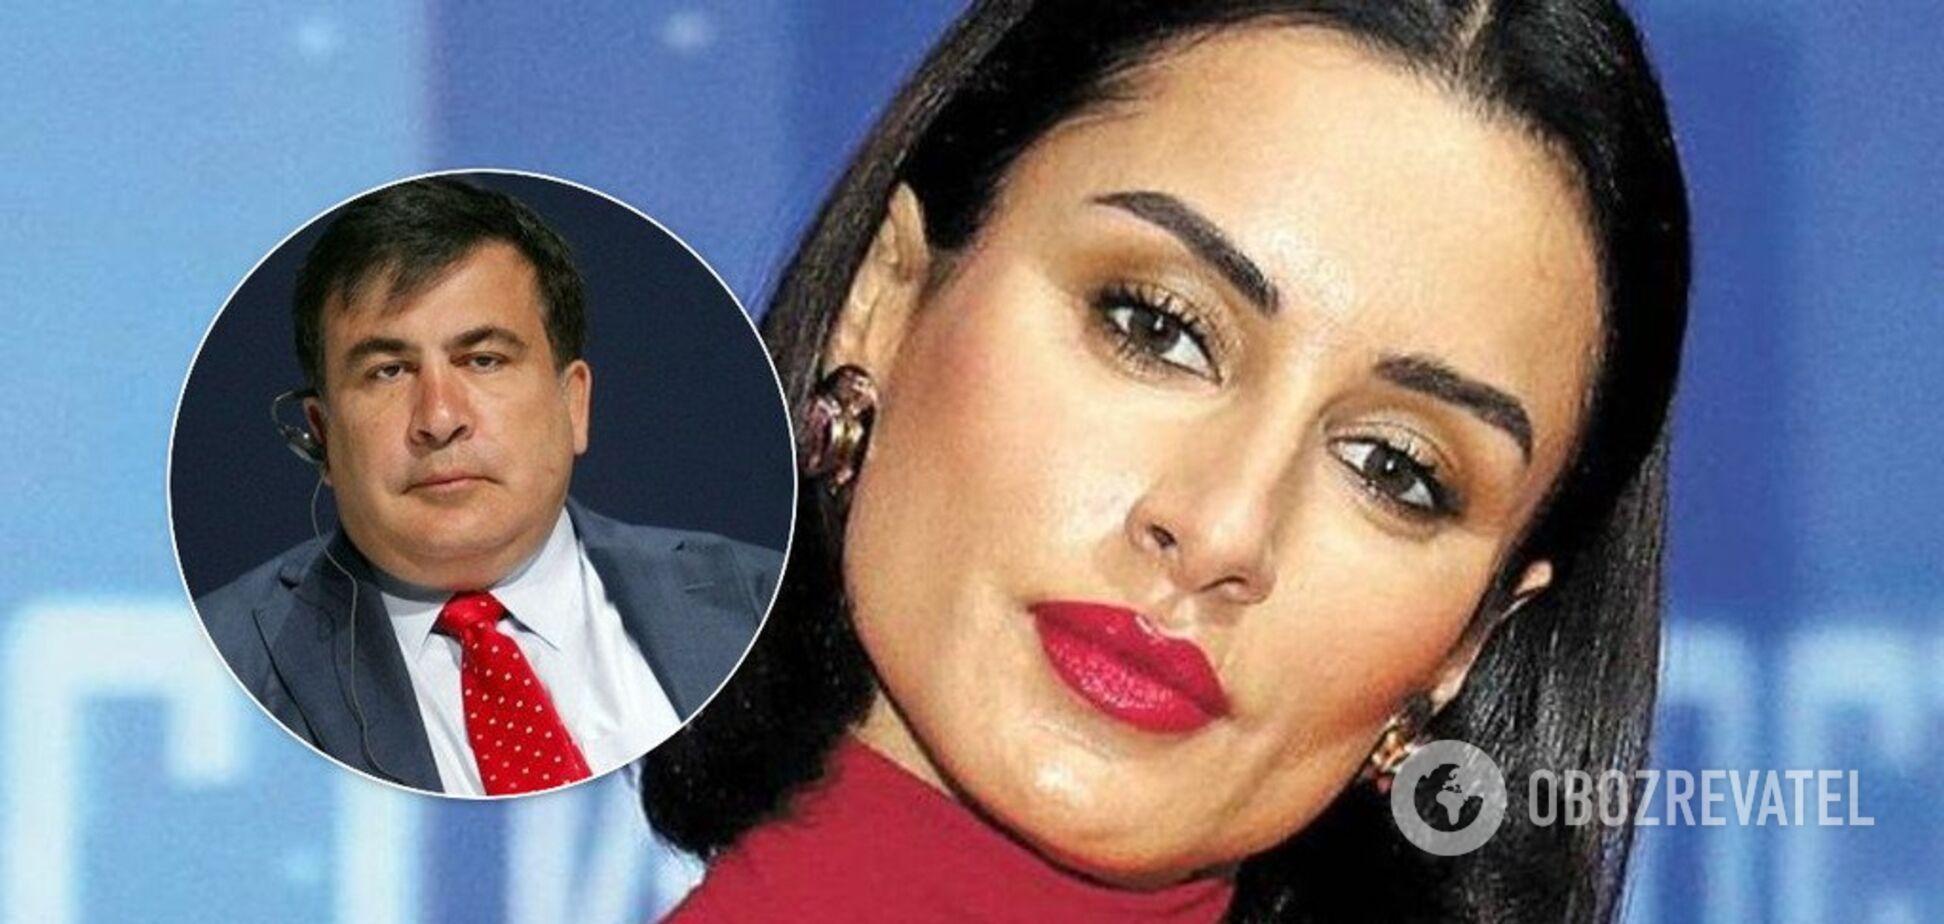 Канделаки набросилась на Саакашвили из-за скандала в Грузии